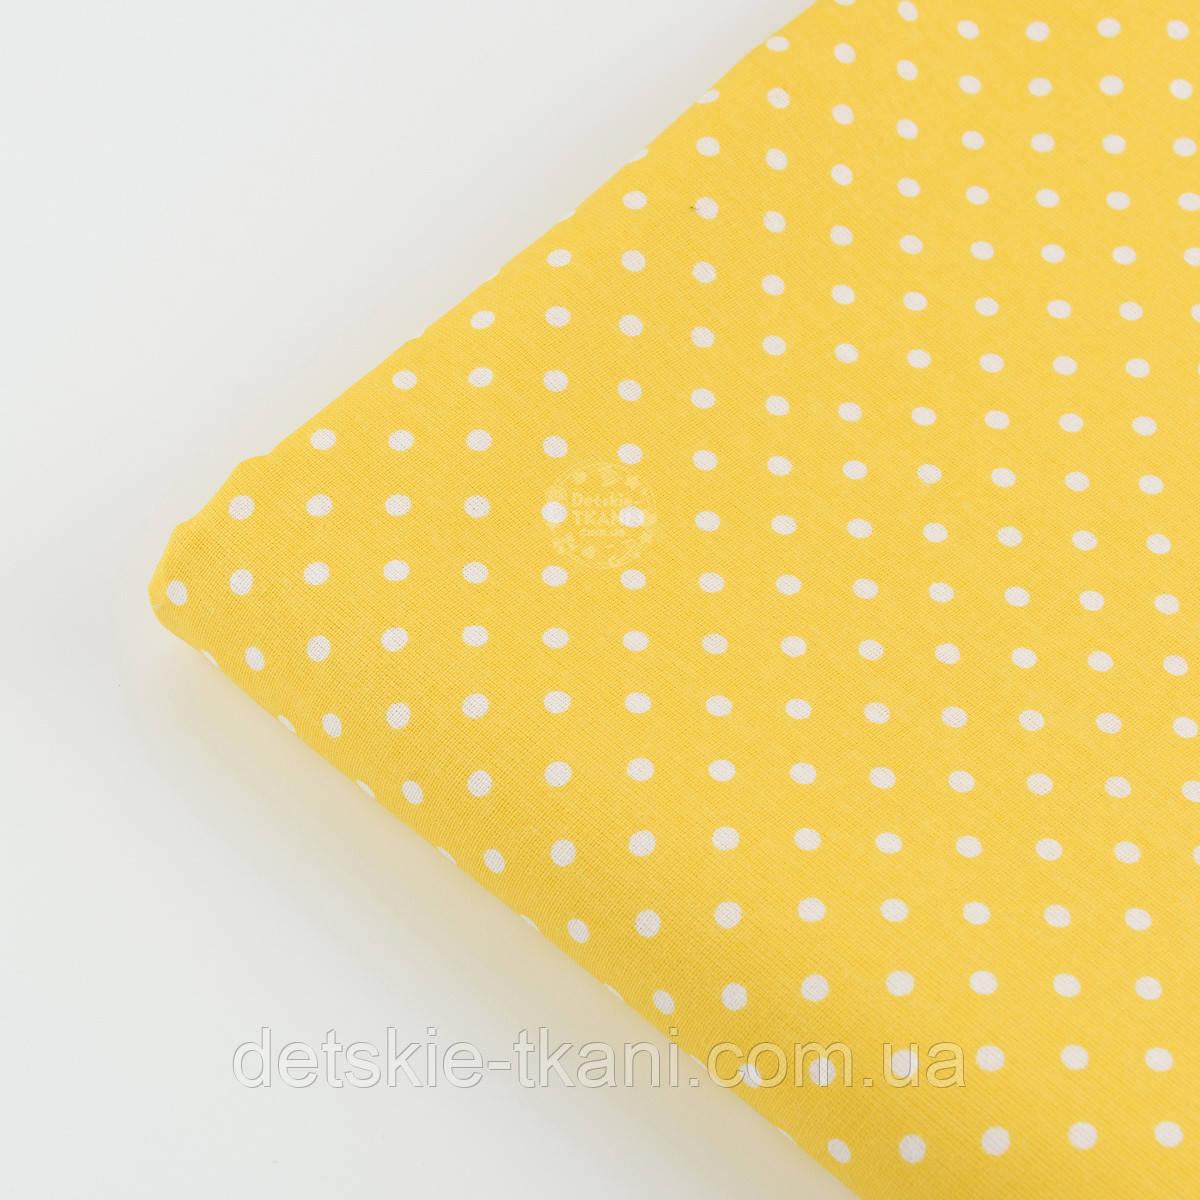 Лоскут ткани №823 с горошком 4 мм на жёлтом фоне